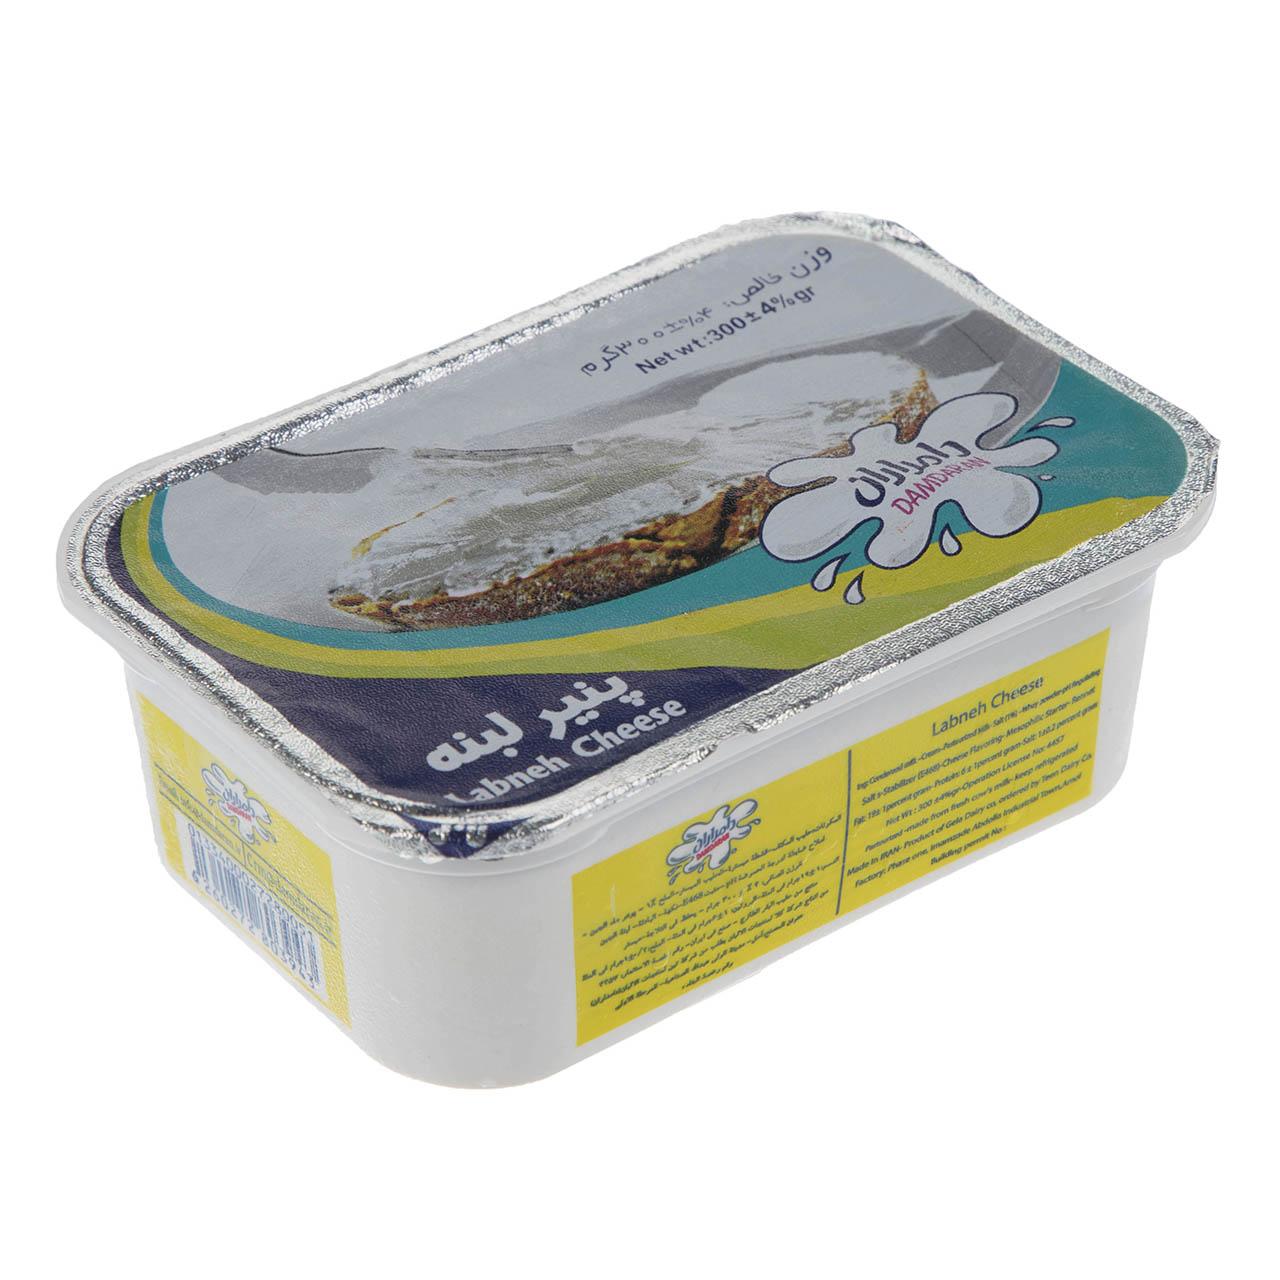 پنیر لبنه دامداران مقدار 300 گرم